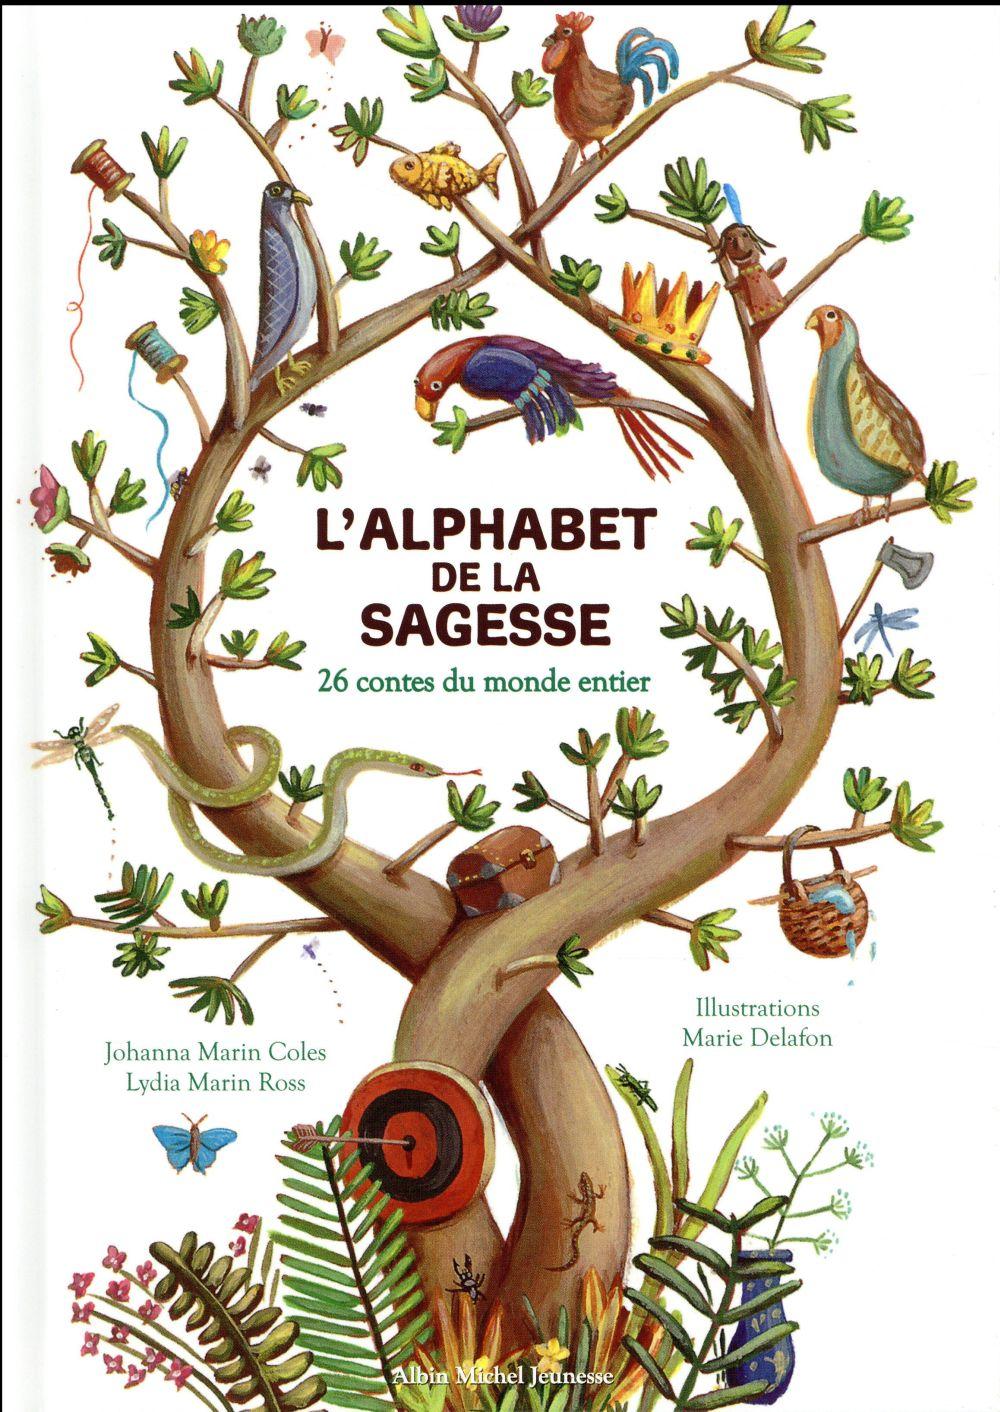 L'ALPHABET DE LA SAGESSE